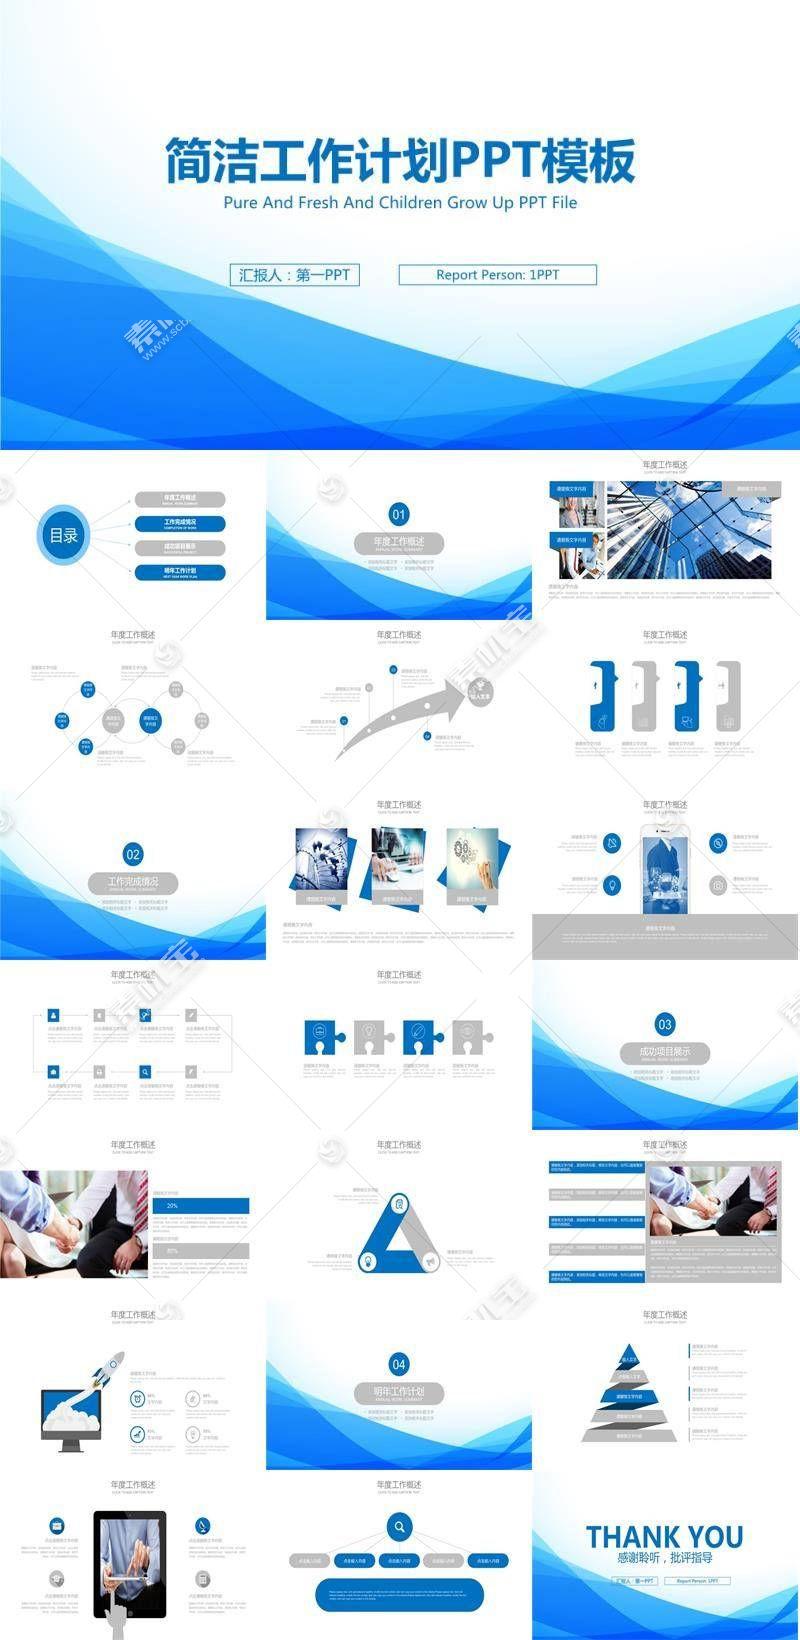 优雅蓝色简洁工作计划ppt模板图片